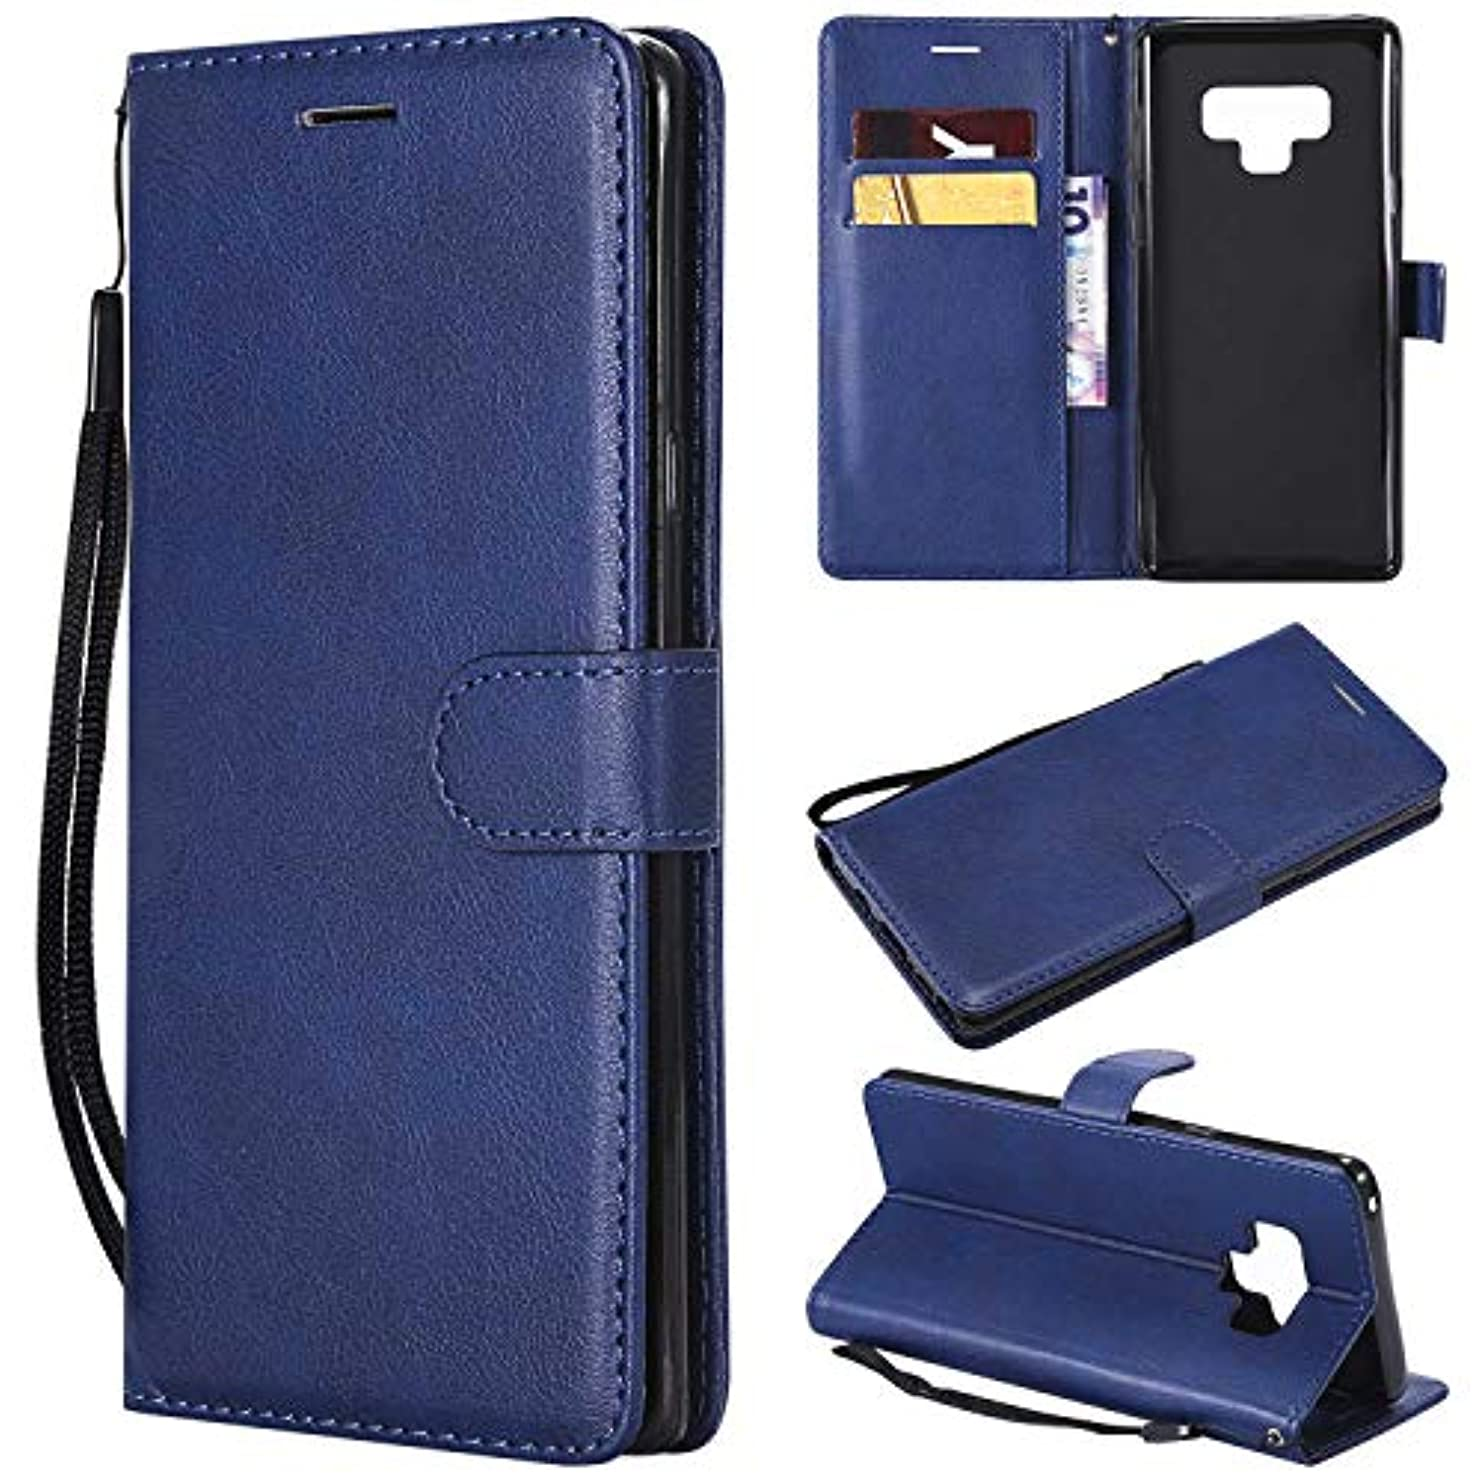 竜巻シール刑務所Galaxy Note 9 ケース手帳型 OMATENTI レザー 革 薄型 手帳型カバー カード入れ スタンド機能 サムスン Galaxy Note 9 おしゃれ 手帳ケース (6-ブルー)